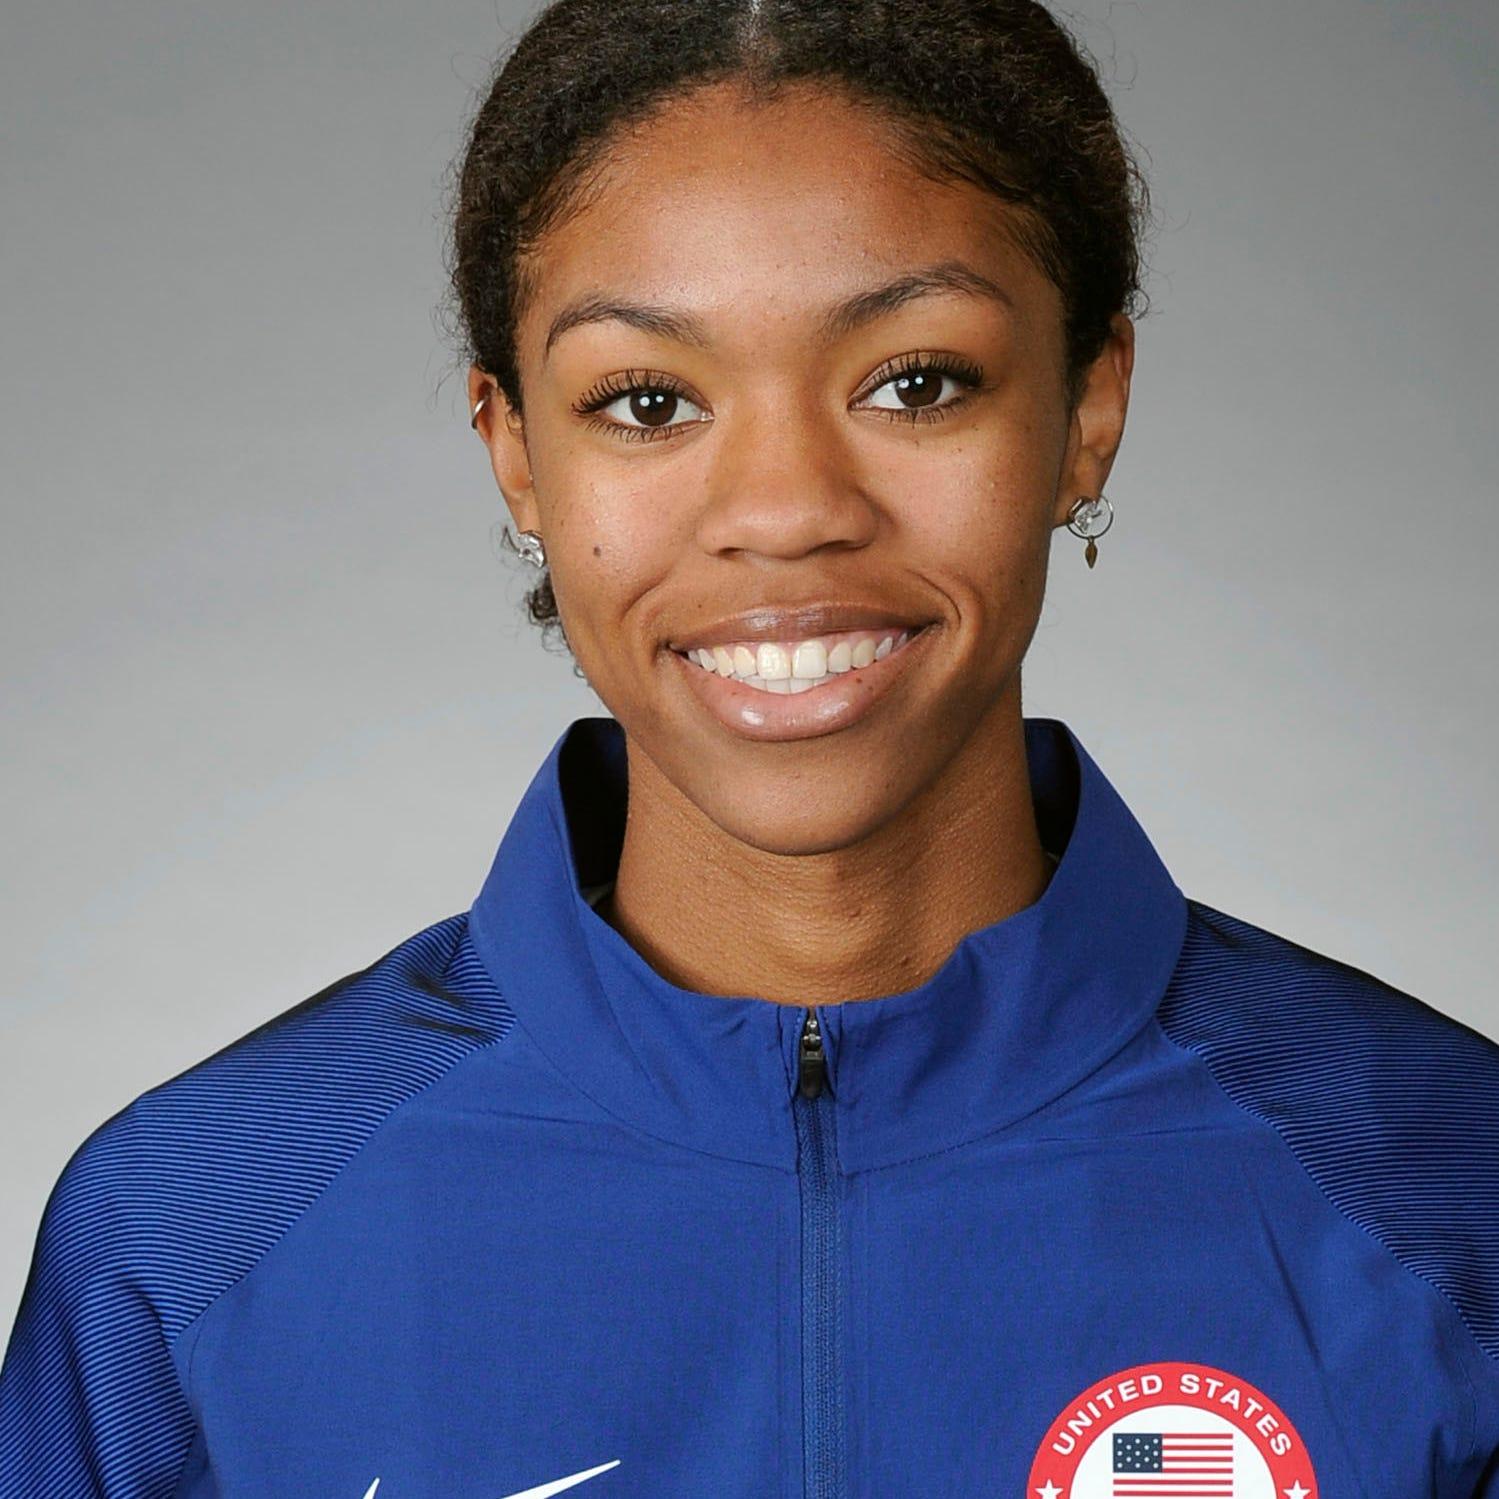 Vashti Cunningham